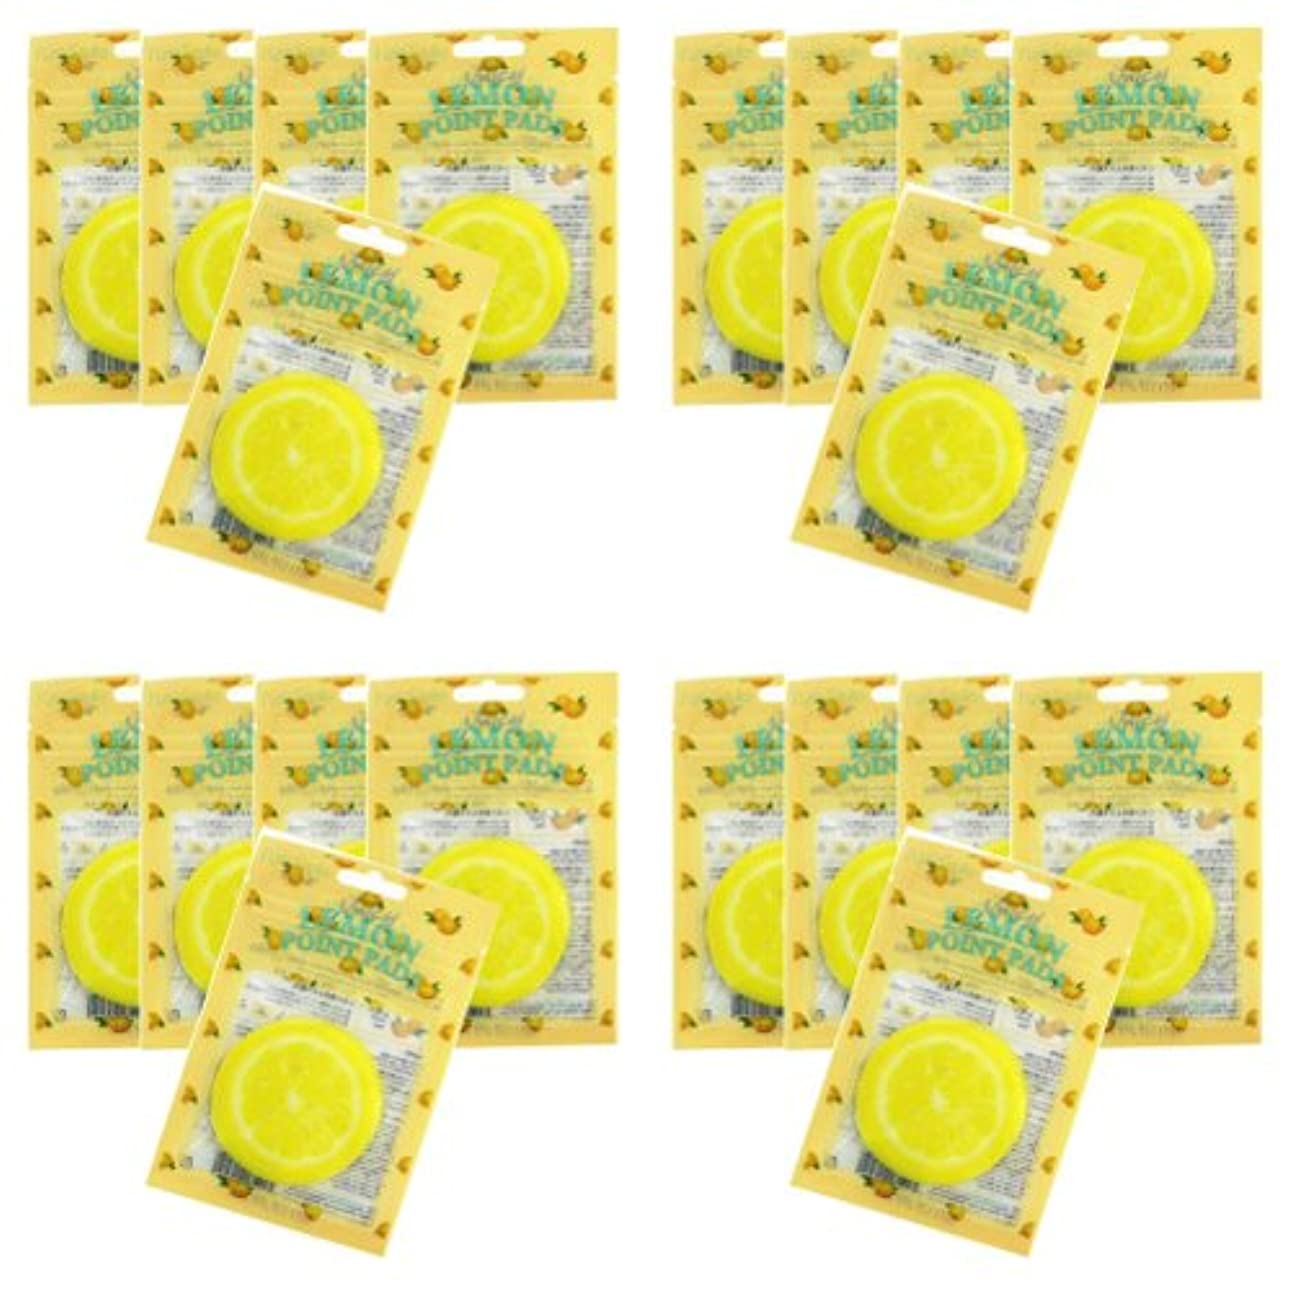 足音分子撃退するピュアスマイル ジューシーポイントパッド レモン20パックセット(1パック10枚入 合計200枚)